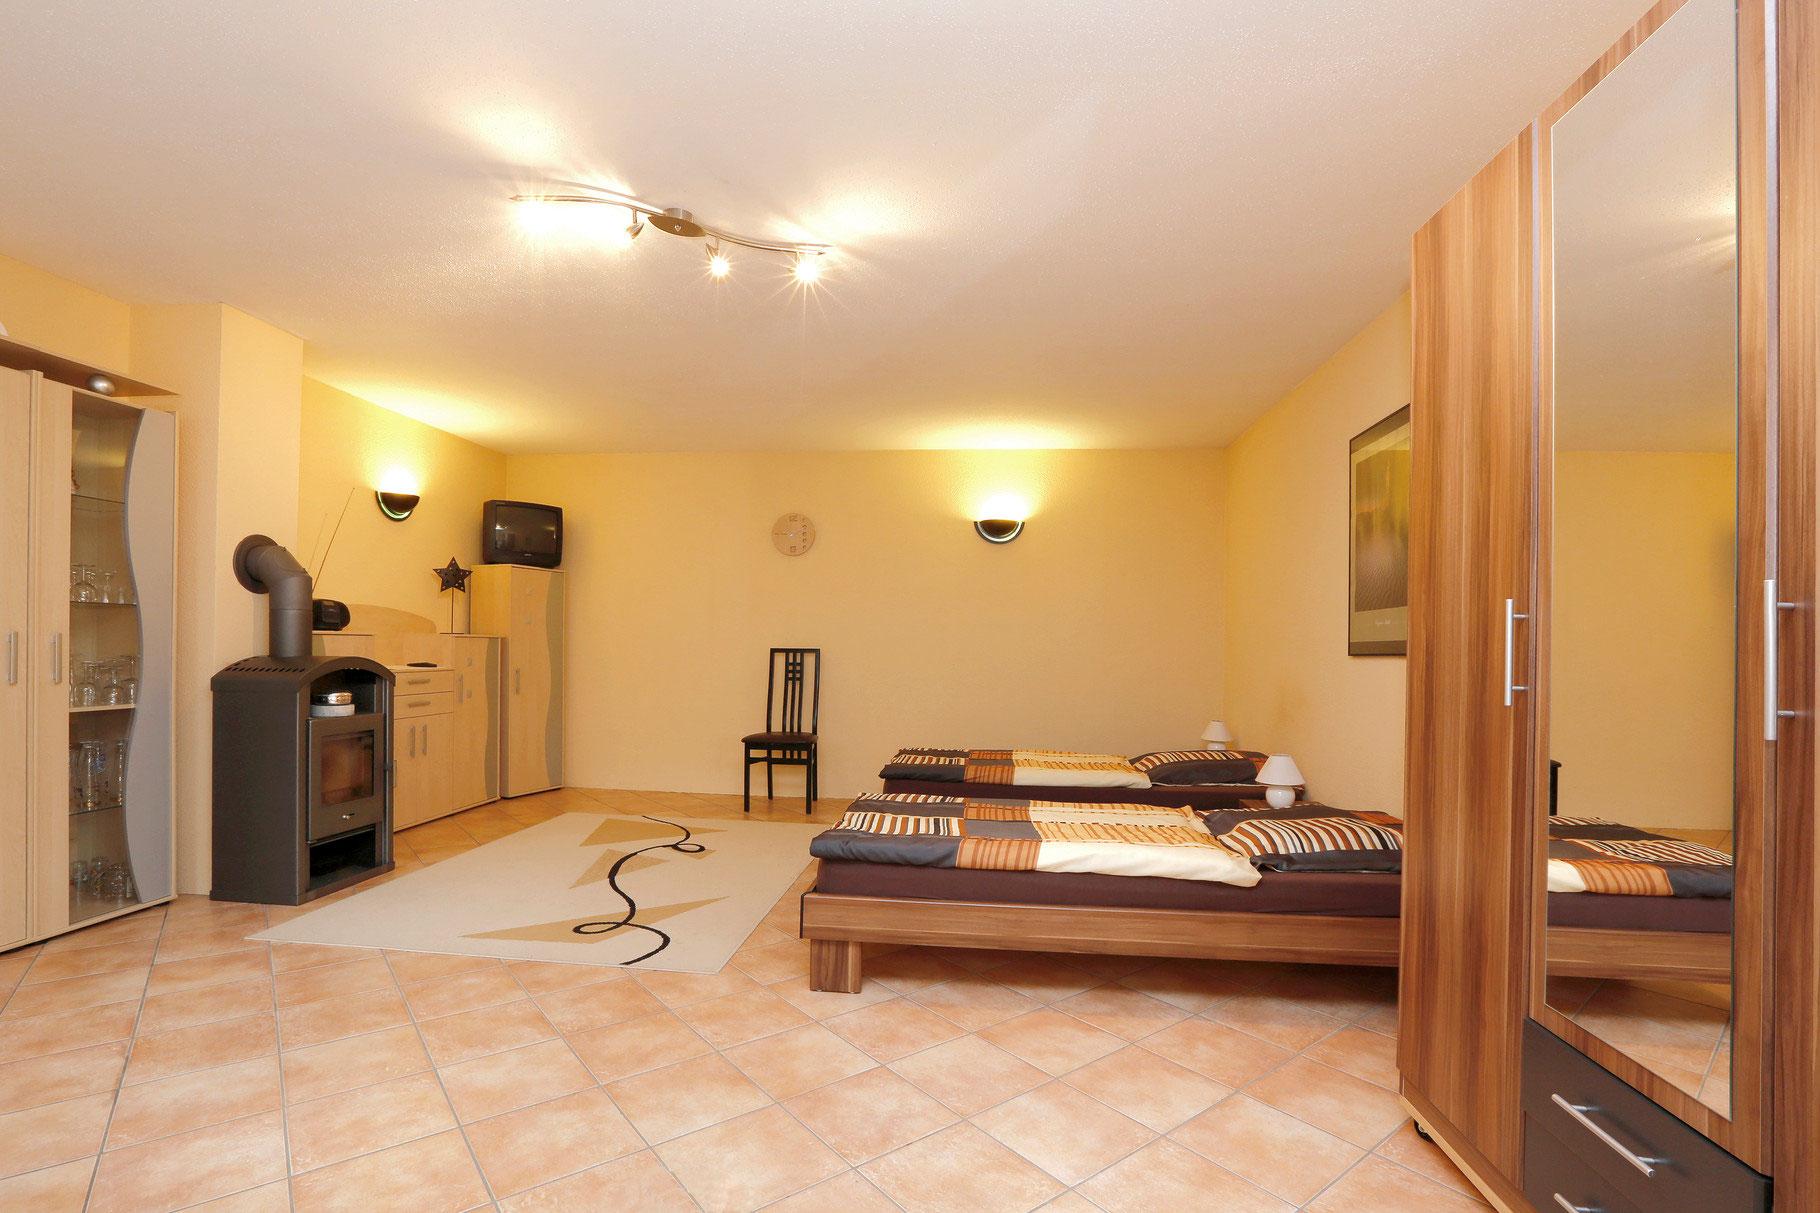 ferienwohnung im westend ferienwohnung peschels webseite. Black Bedroom Furniture Sets. Home Design Ideas